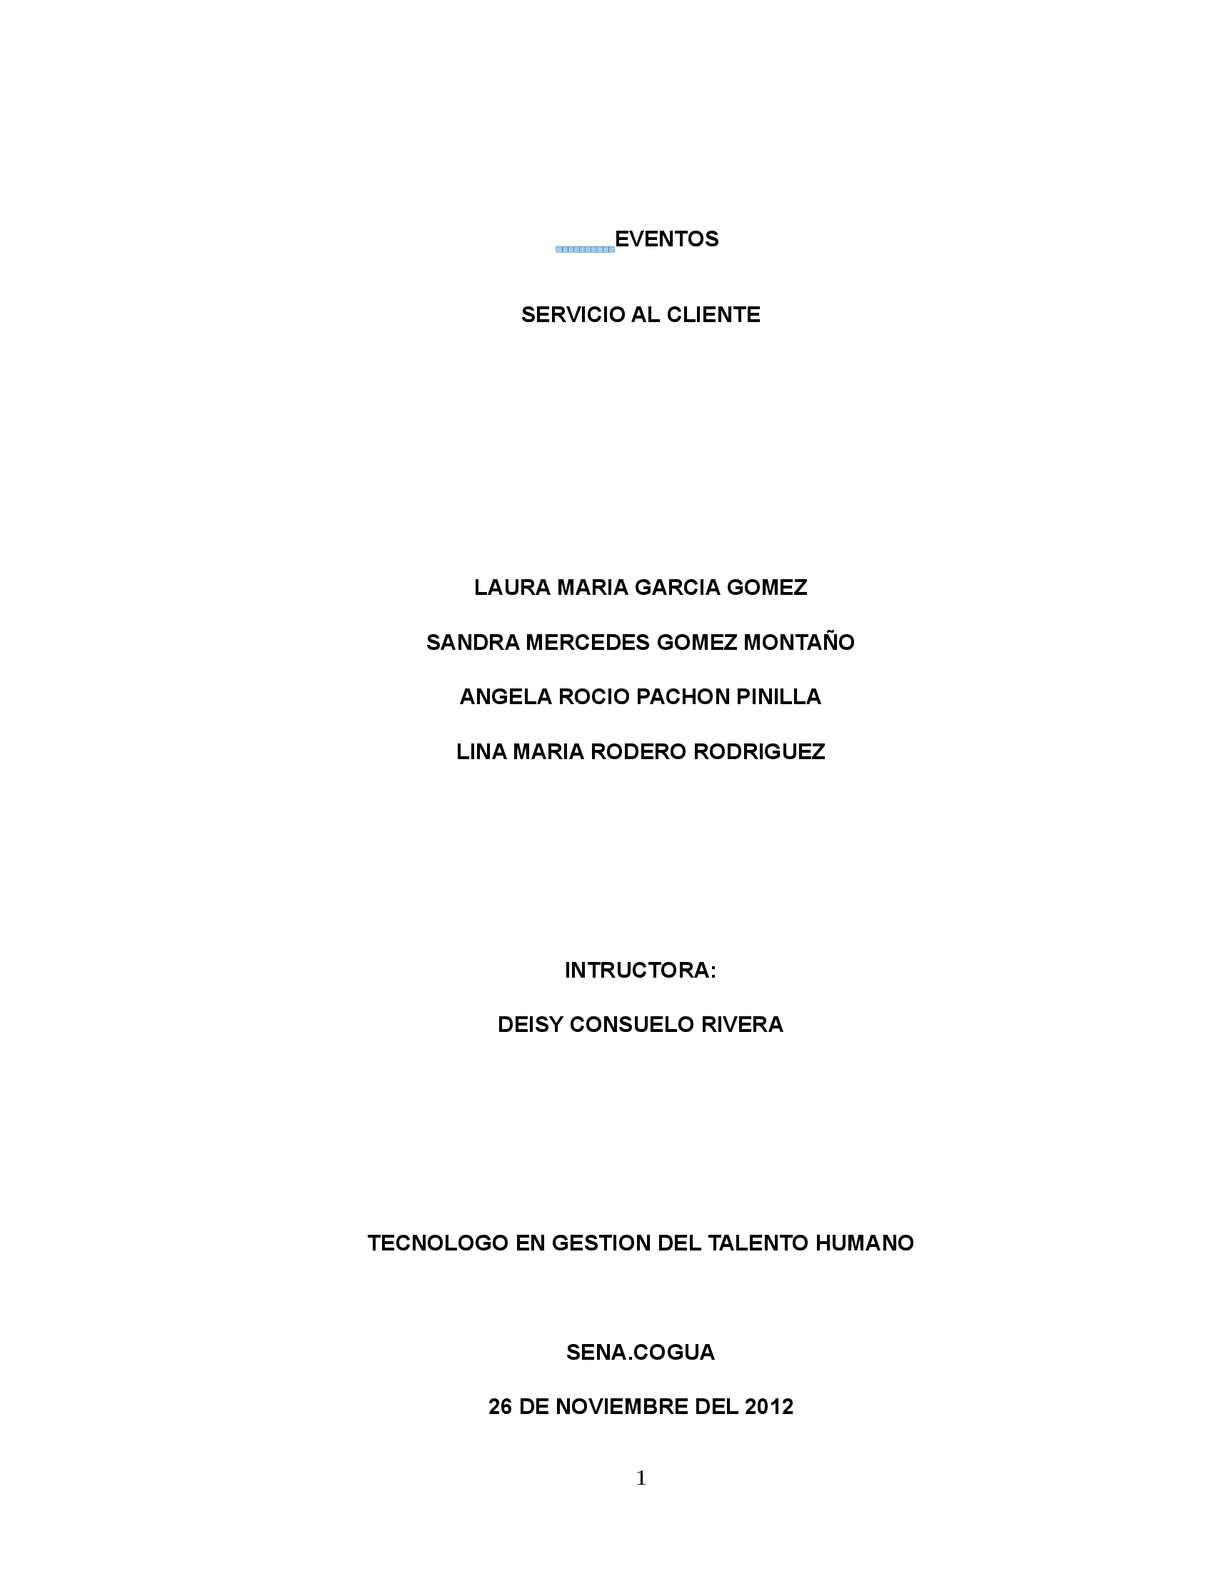 COMPETENCIA: Facilitar el servicio a los clientes internos y externos de acuerdo con las políticas de la organización